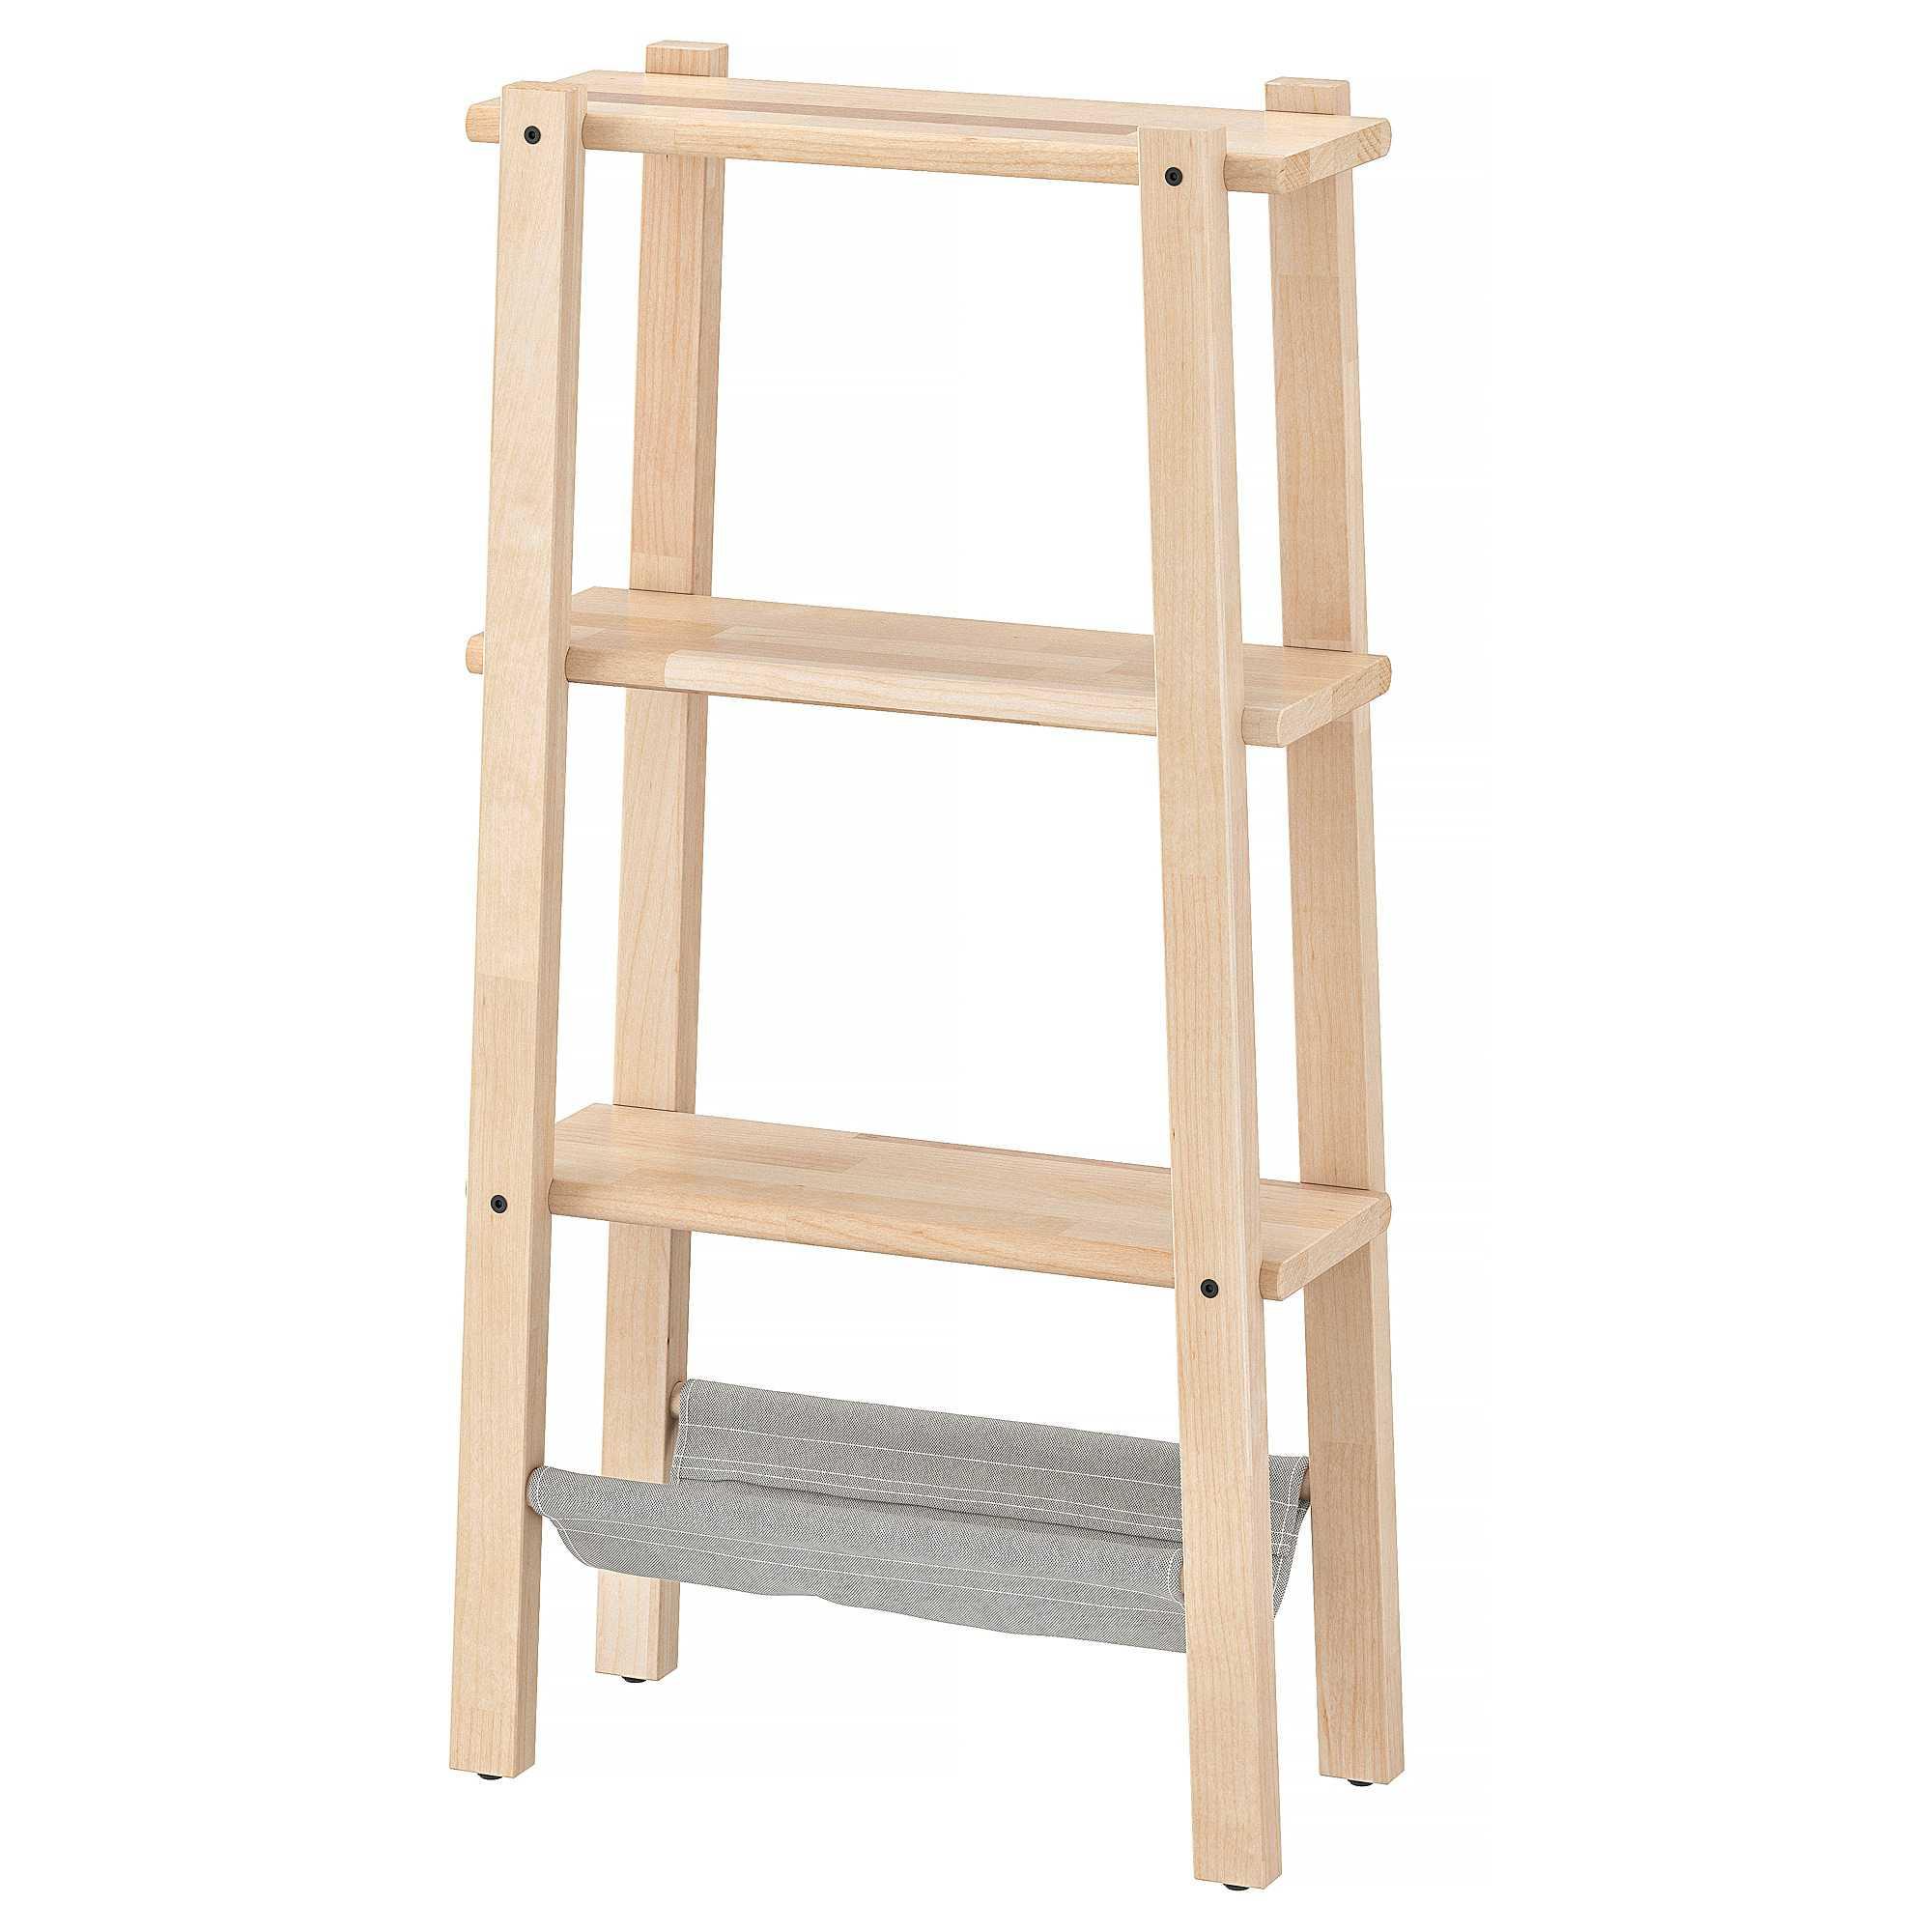 Vilto Shelf Unit